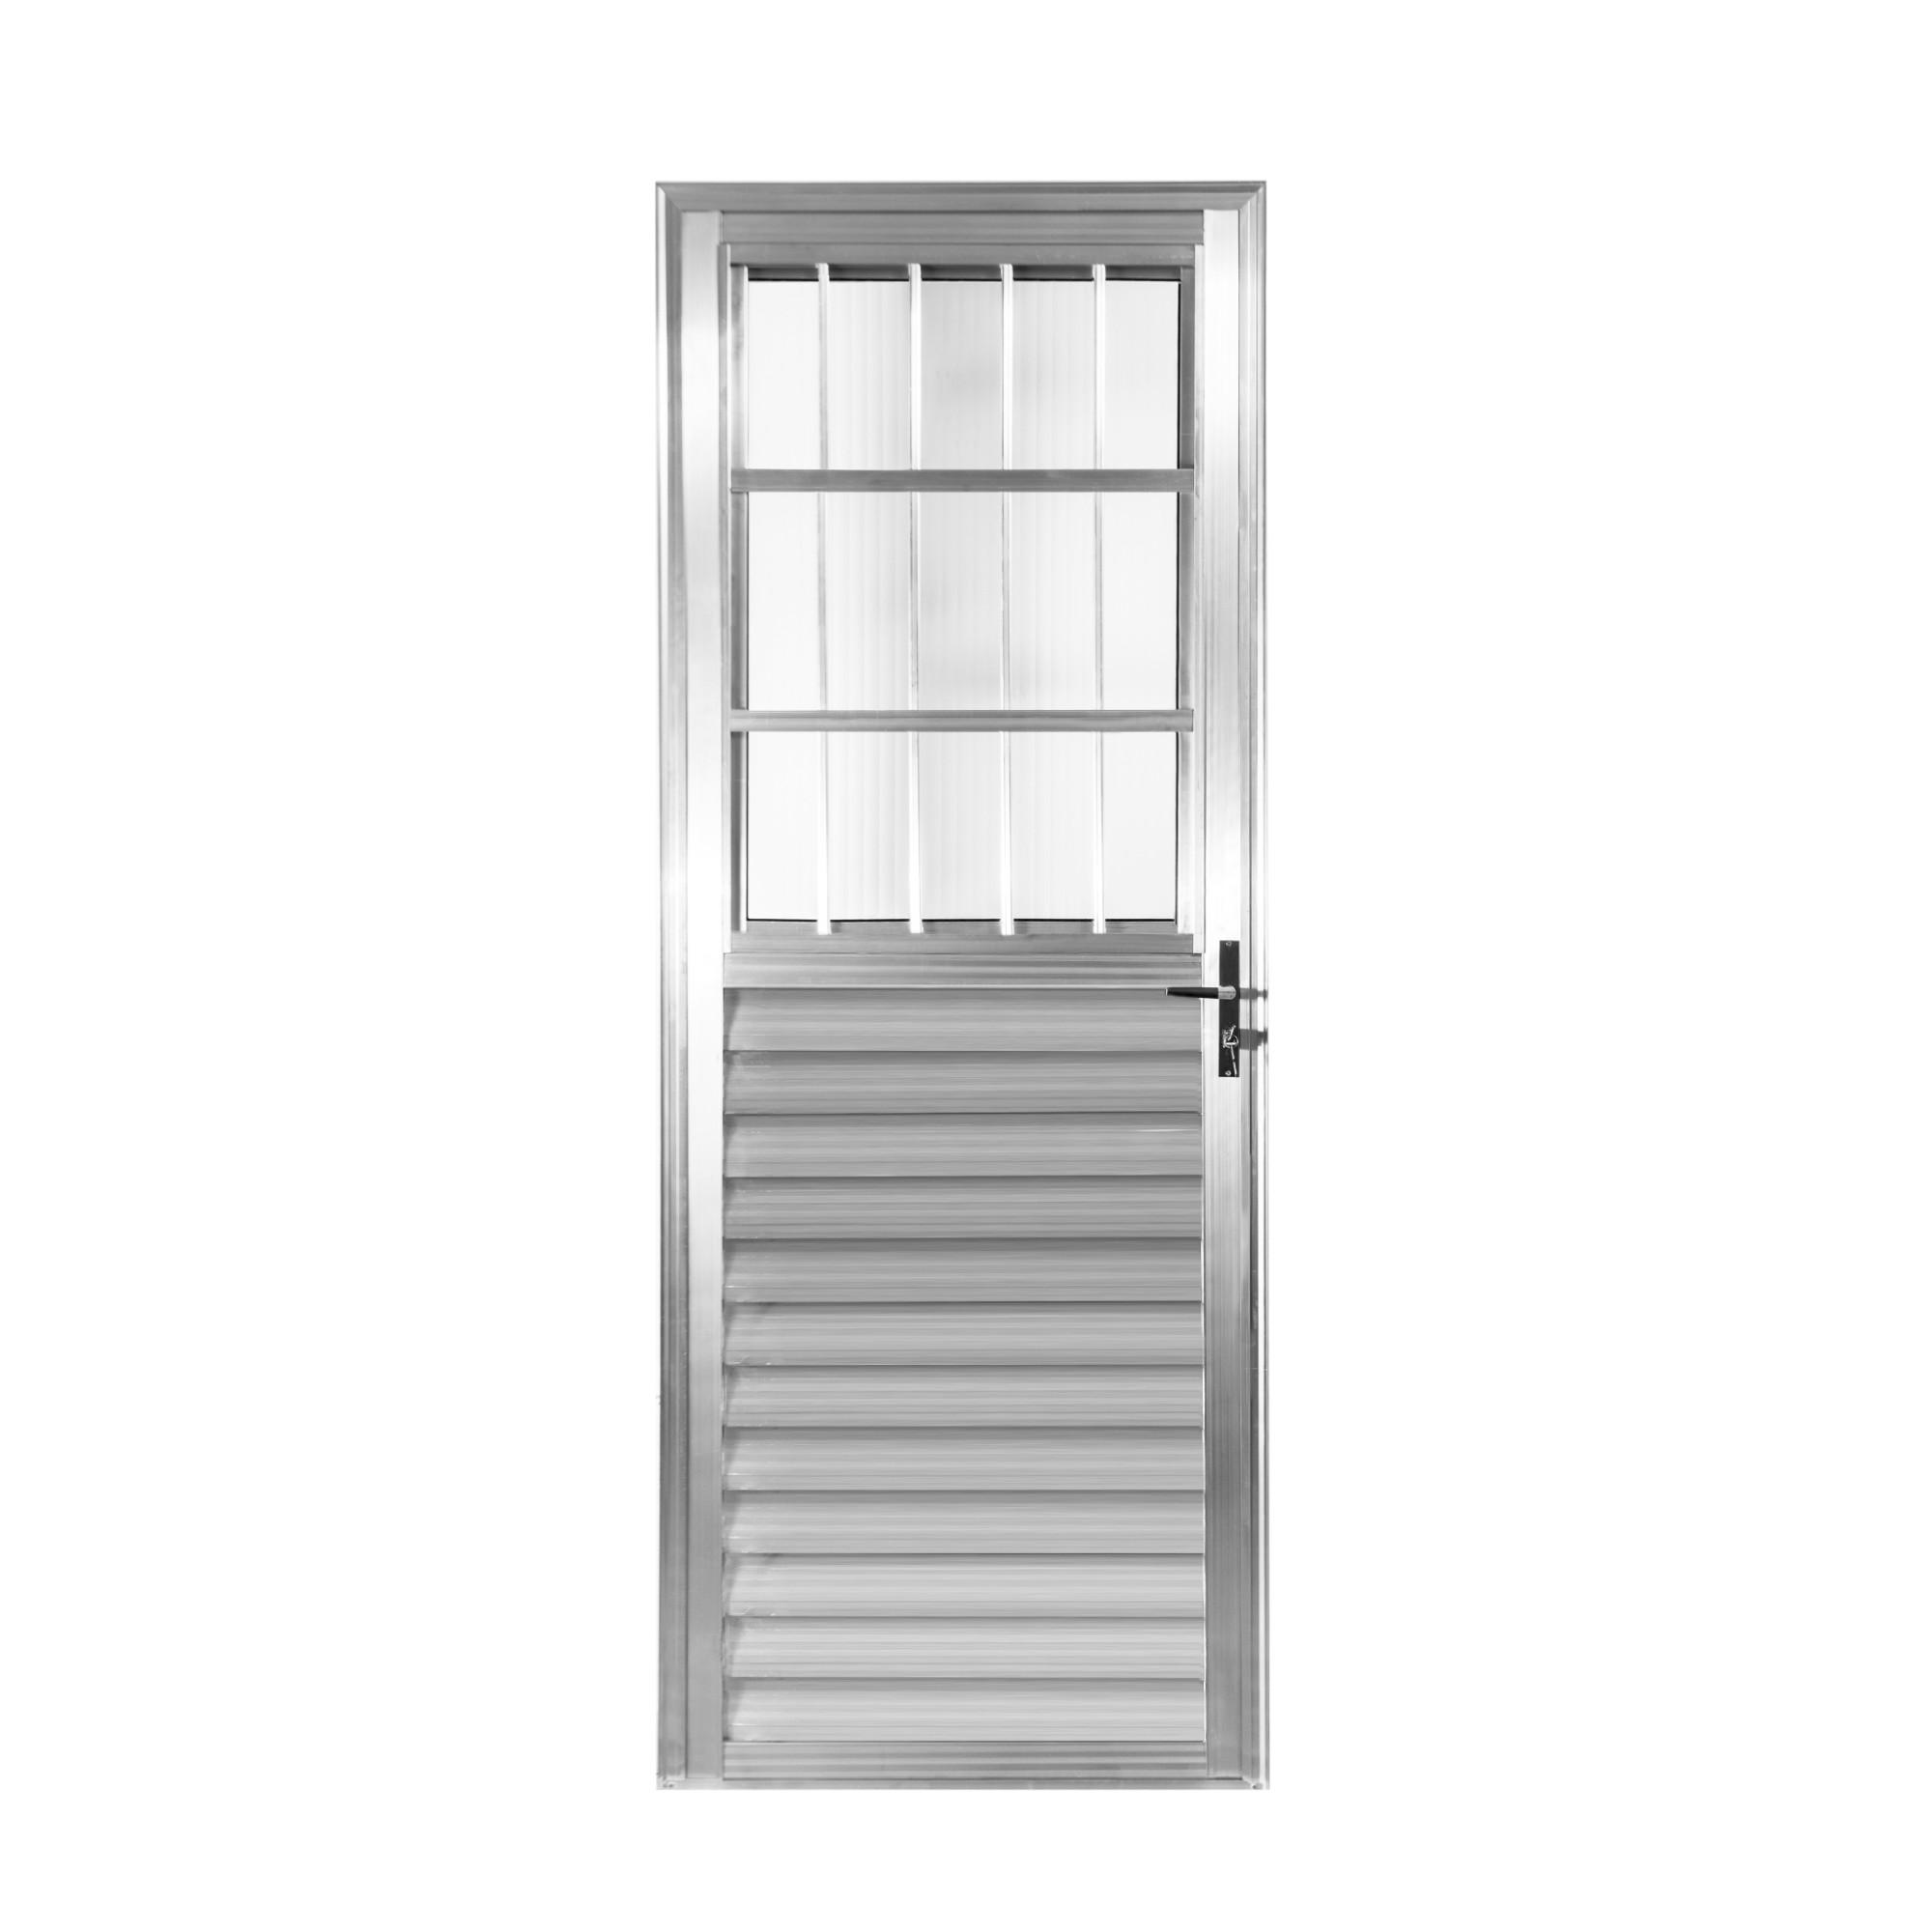 Porta de Abrir de Aluminio 210 x 80 cm Postigo Lado Esquerdo - 1019 - Aluvid